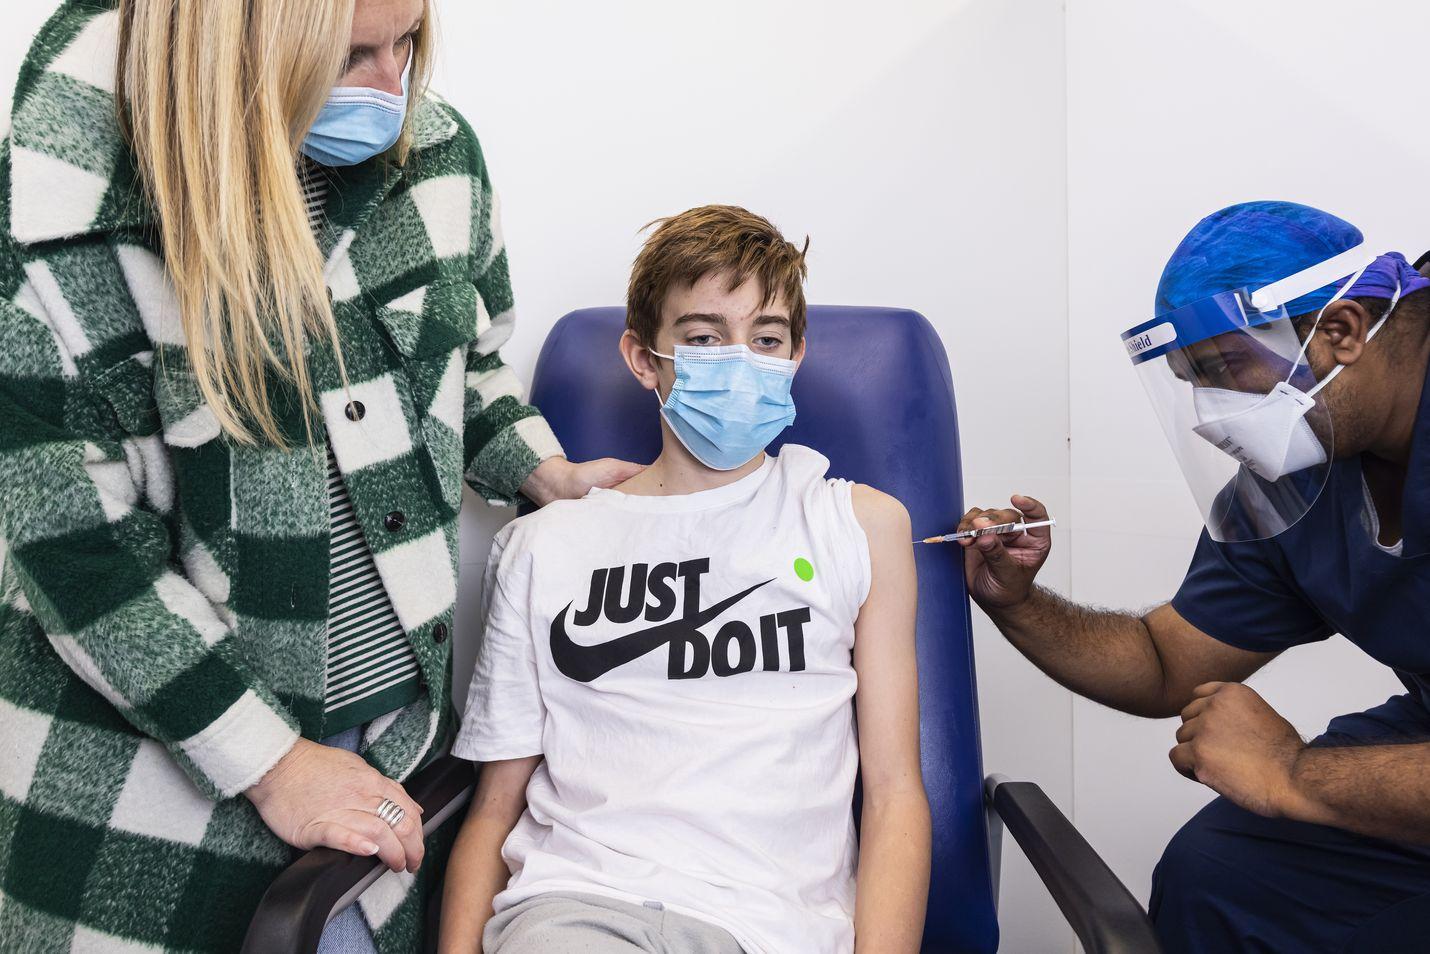 12-vuotiaat saavat jo koronarokotteita ympäri maailmaa. Seuraavaksi on edessä päätös, rokotetaanko yli 5-vuotiaat yhtä laajasti. Kuva on Australiasta.